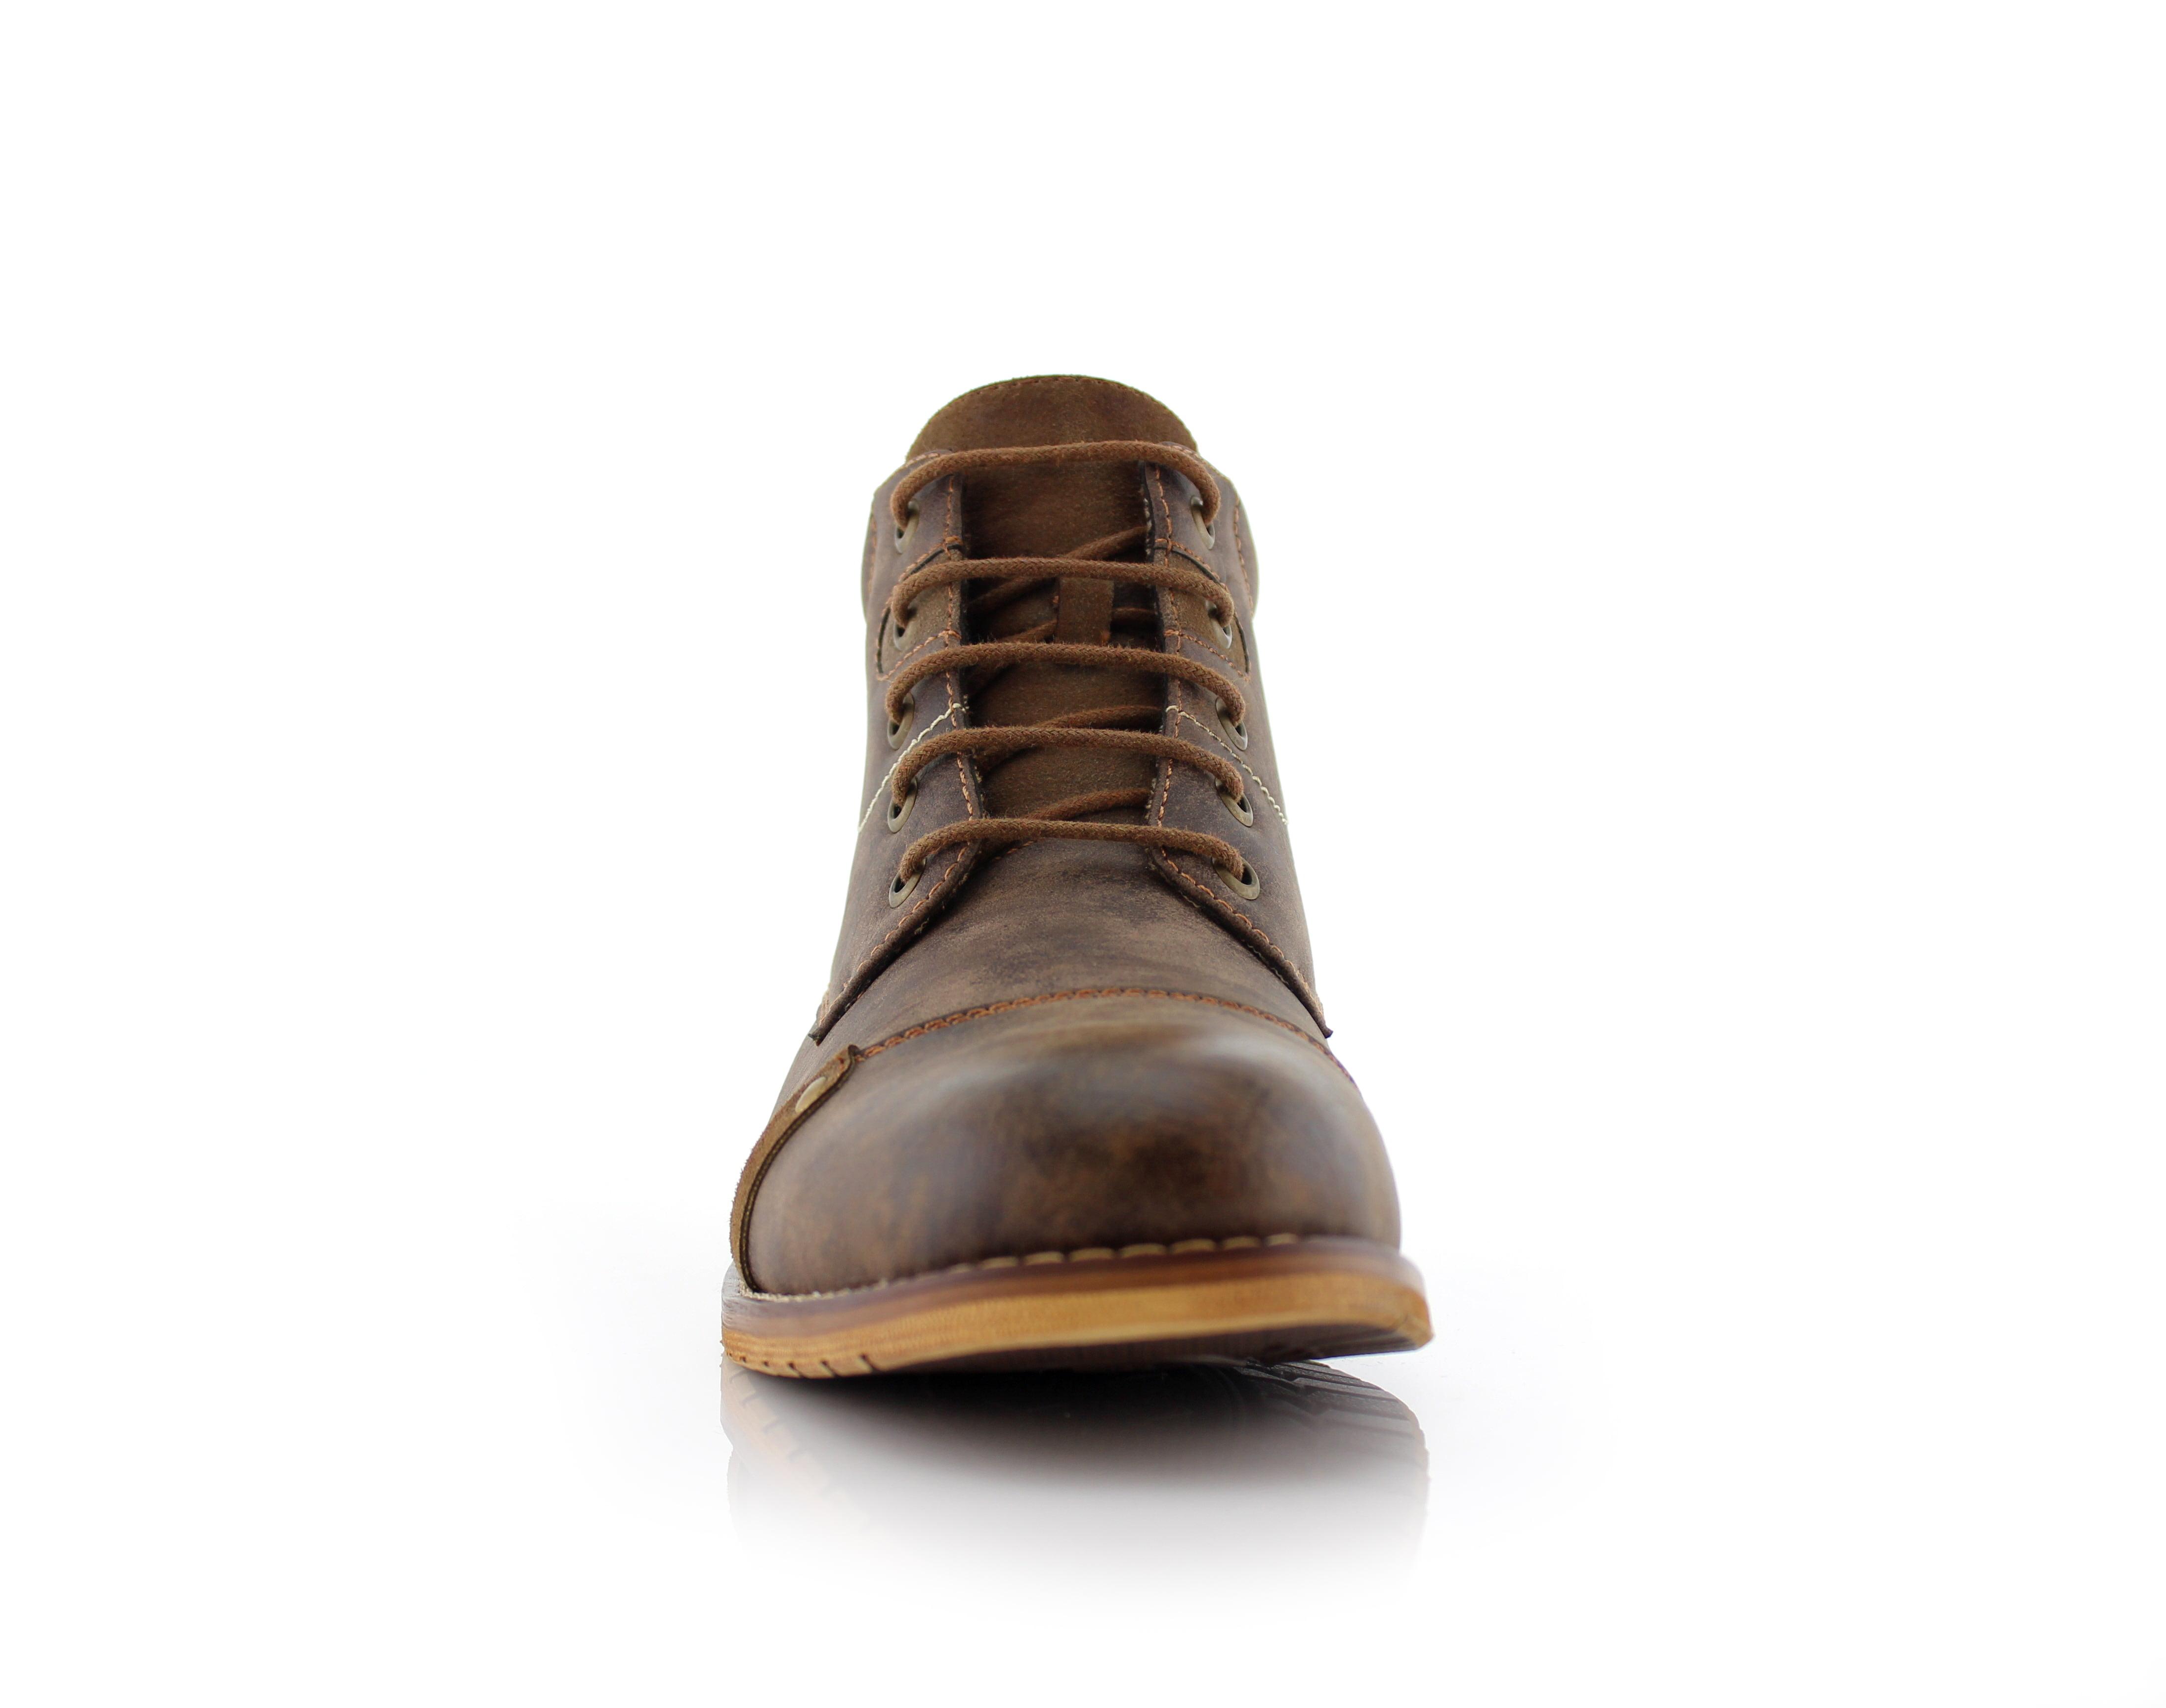 Ferro Aldo Colin MFA806033 Mens Stylish Mid Top Boots for Work Or Casual Wear